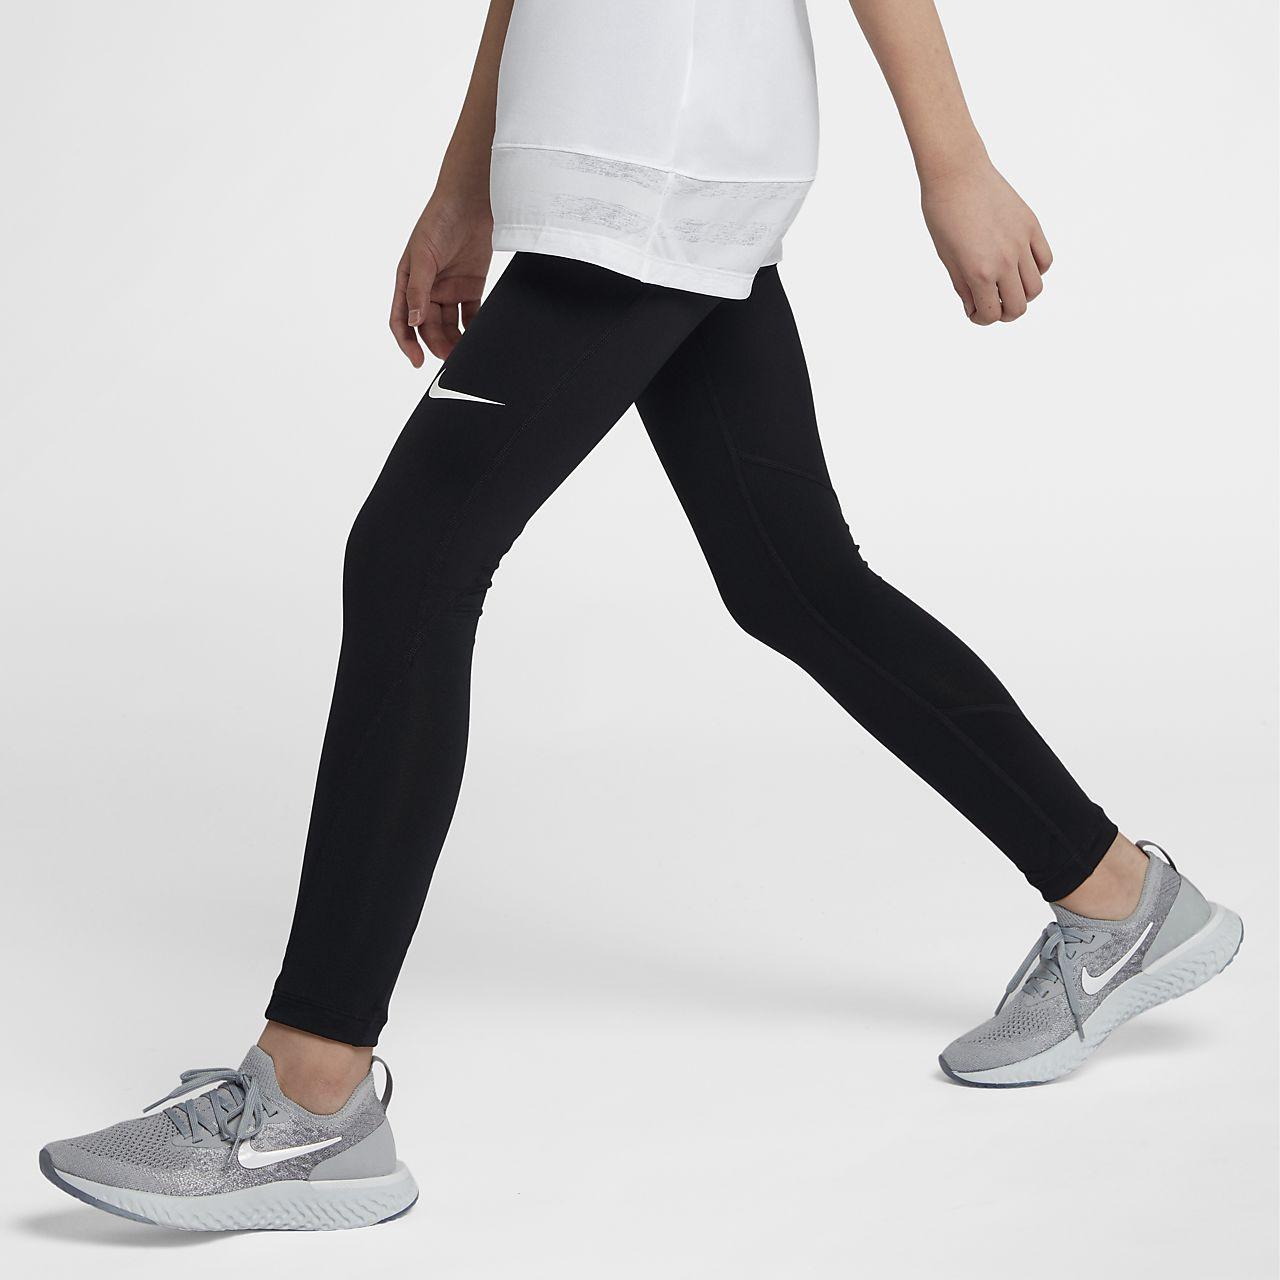 Κολάν προπόνησης Nike Pro για μεγάλα κορίτσια